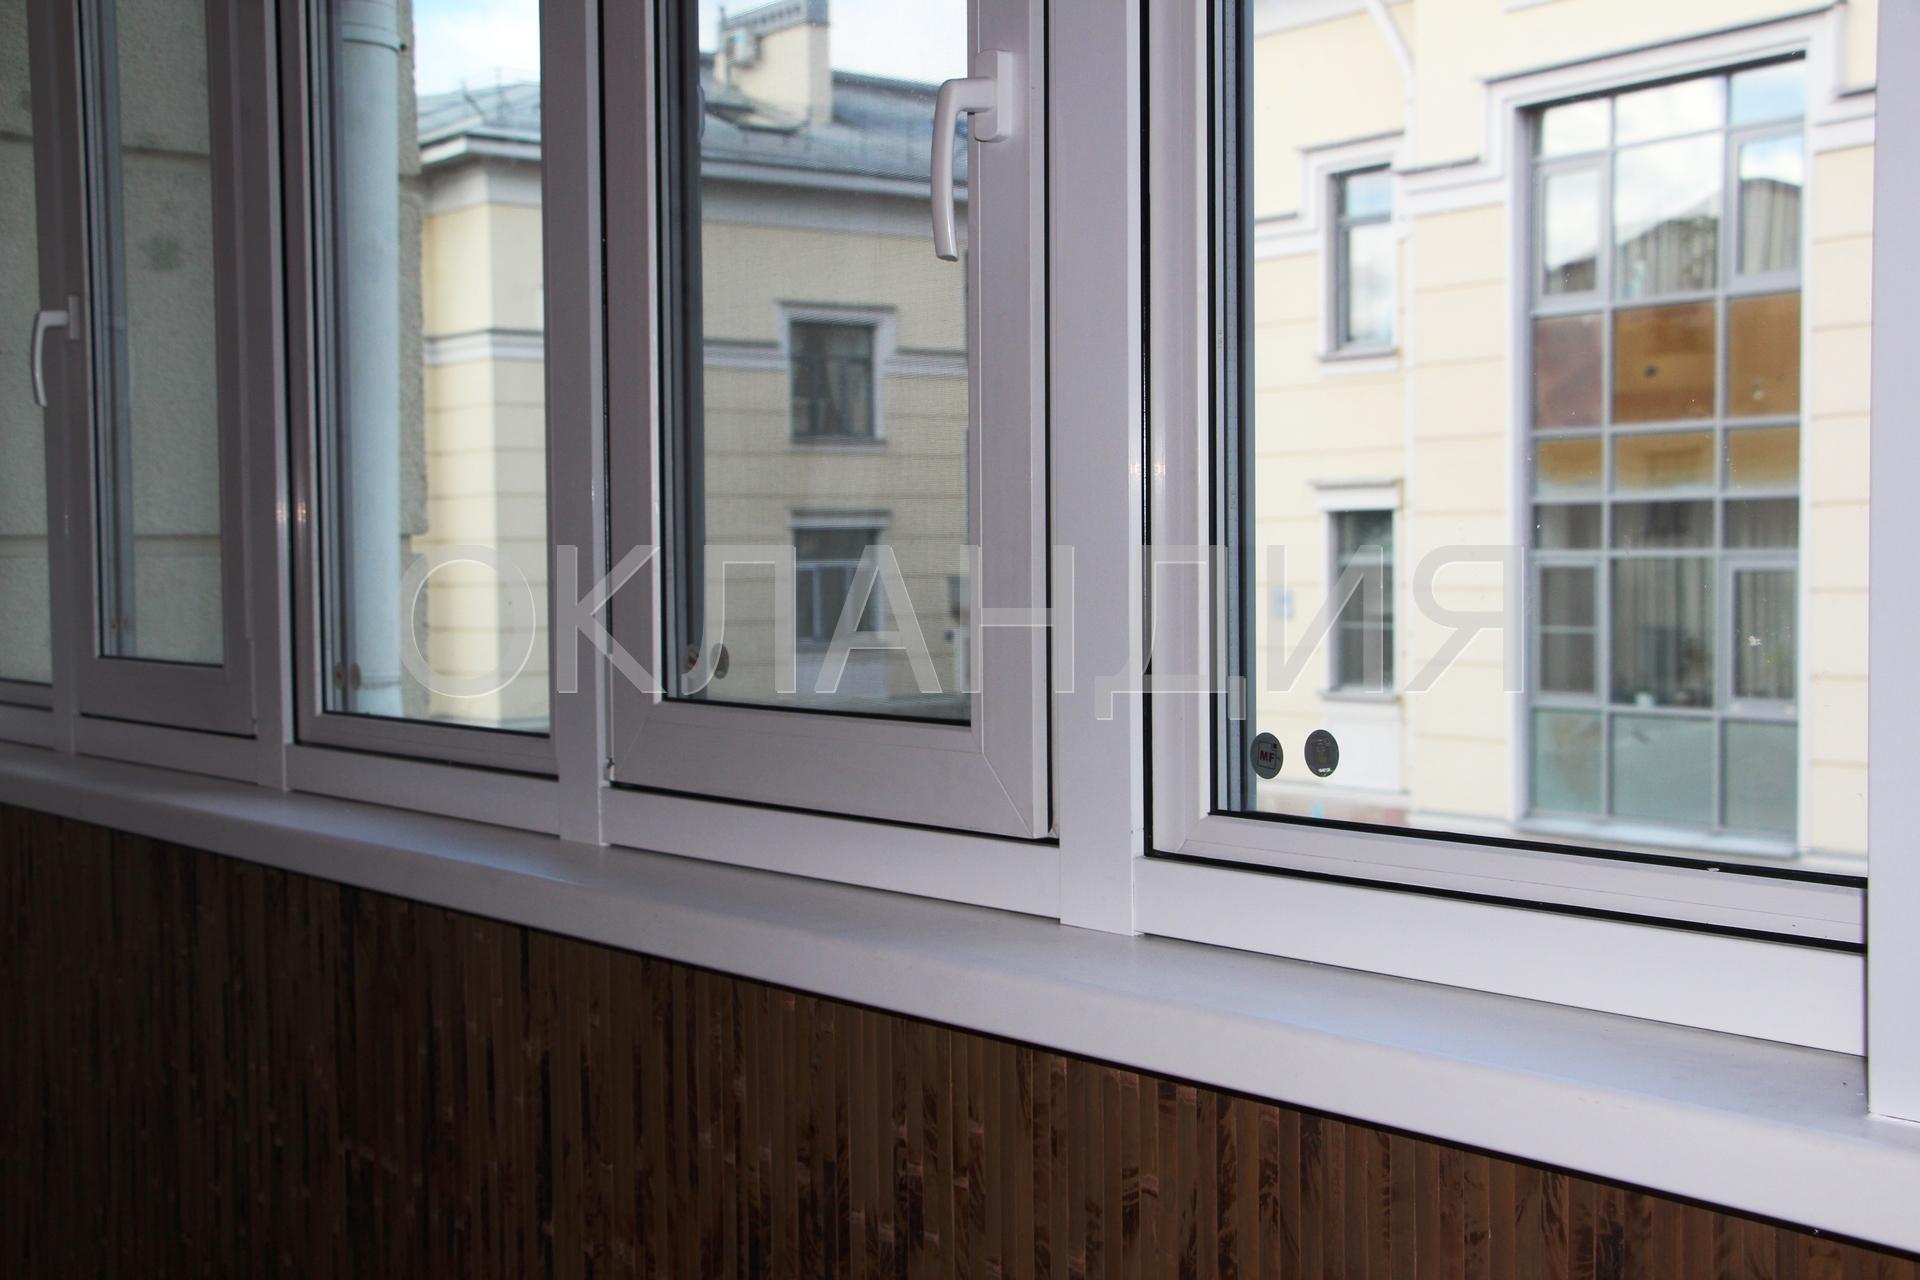 Монтаж окон на балкон по технологии рама в раму.